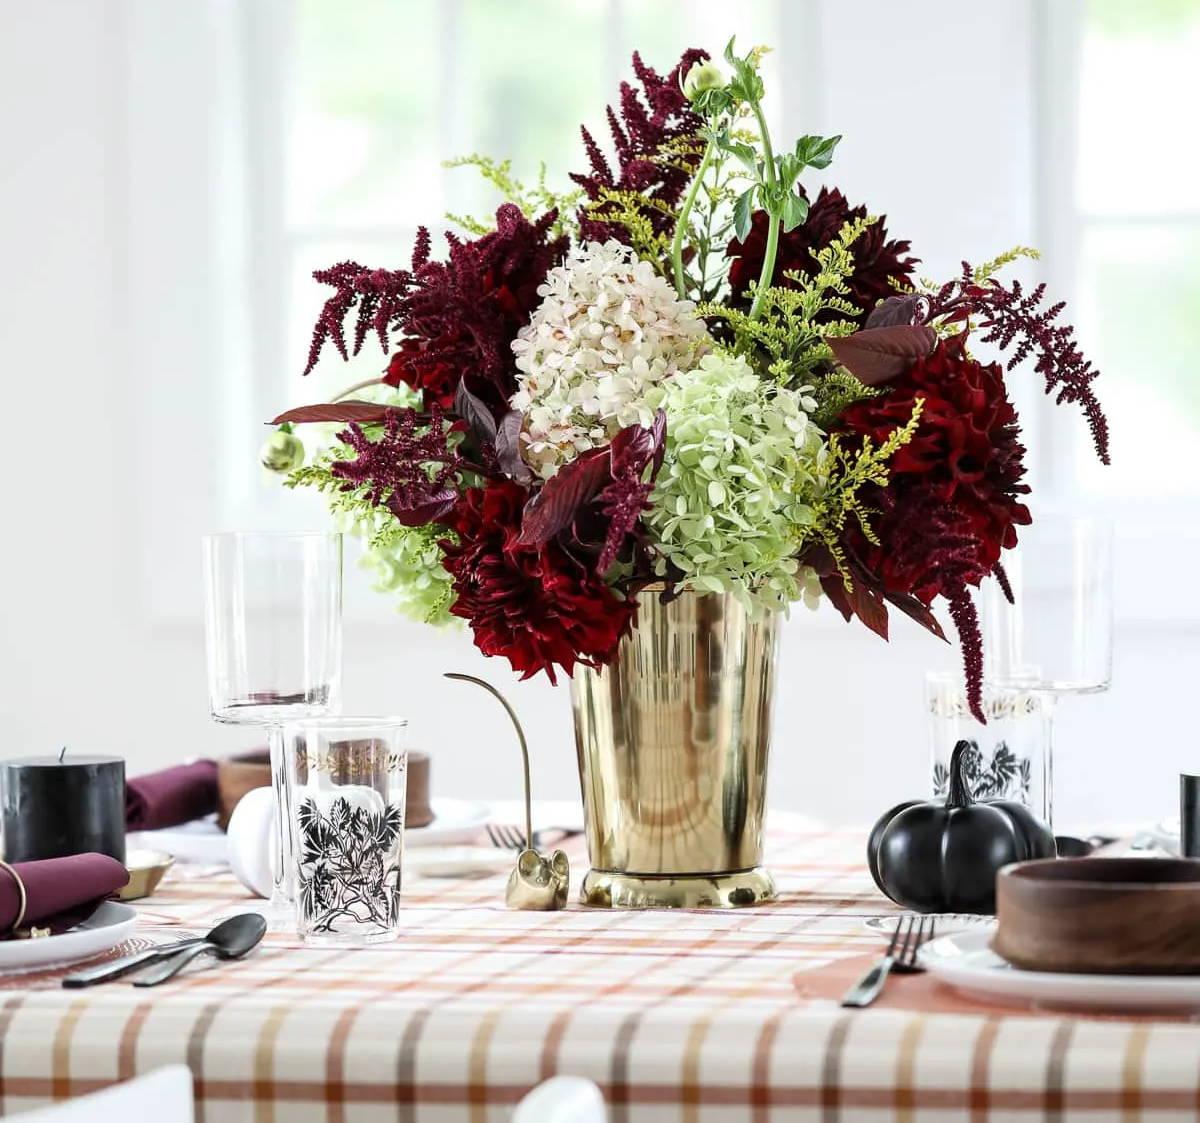 farmhouse dining table centerpiece